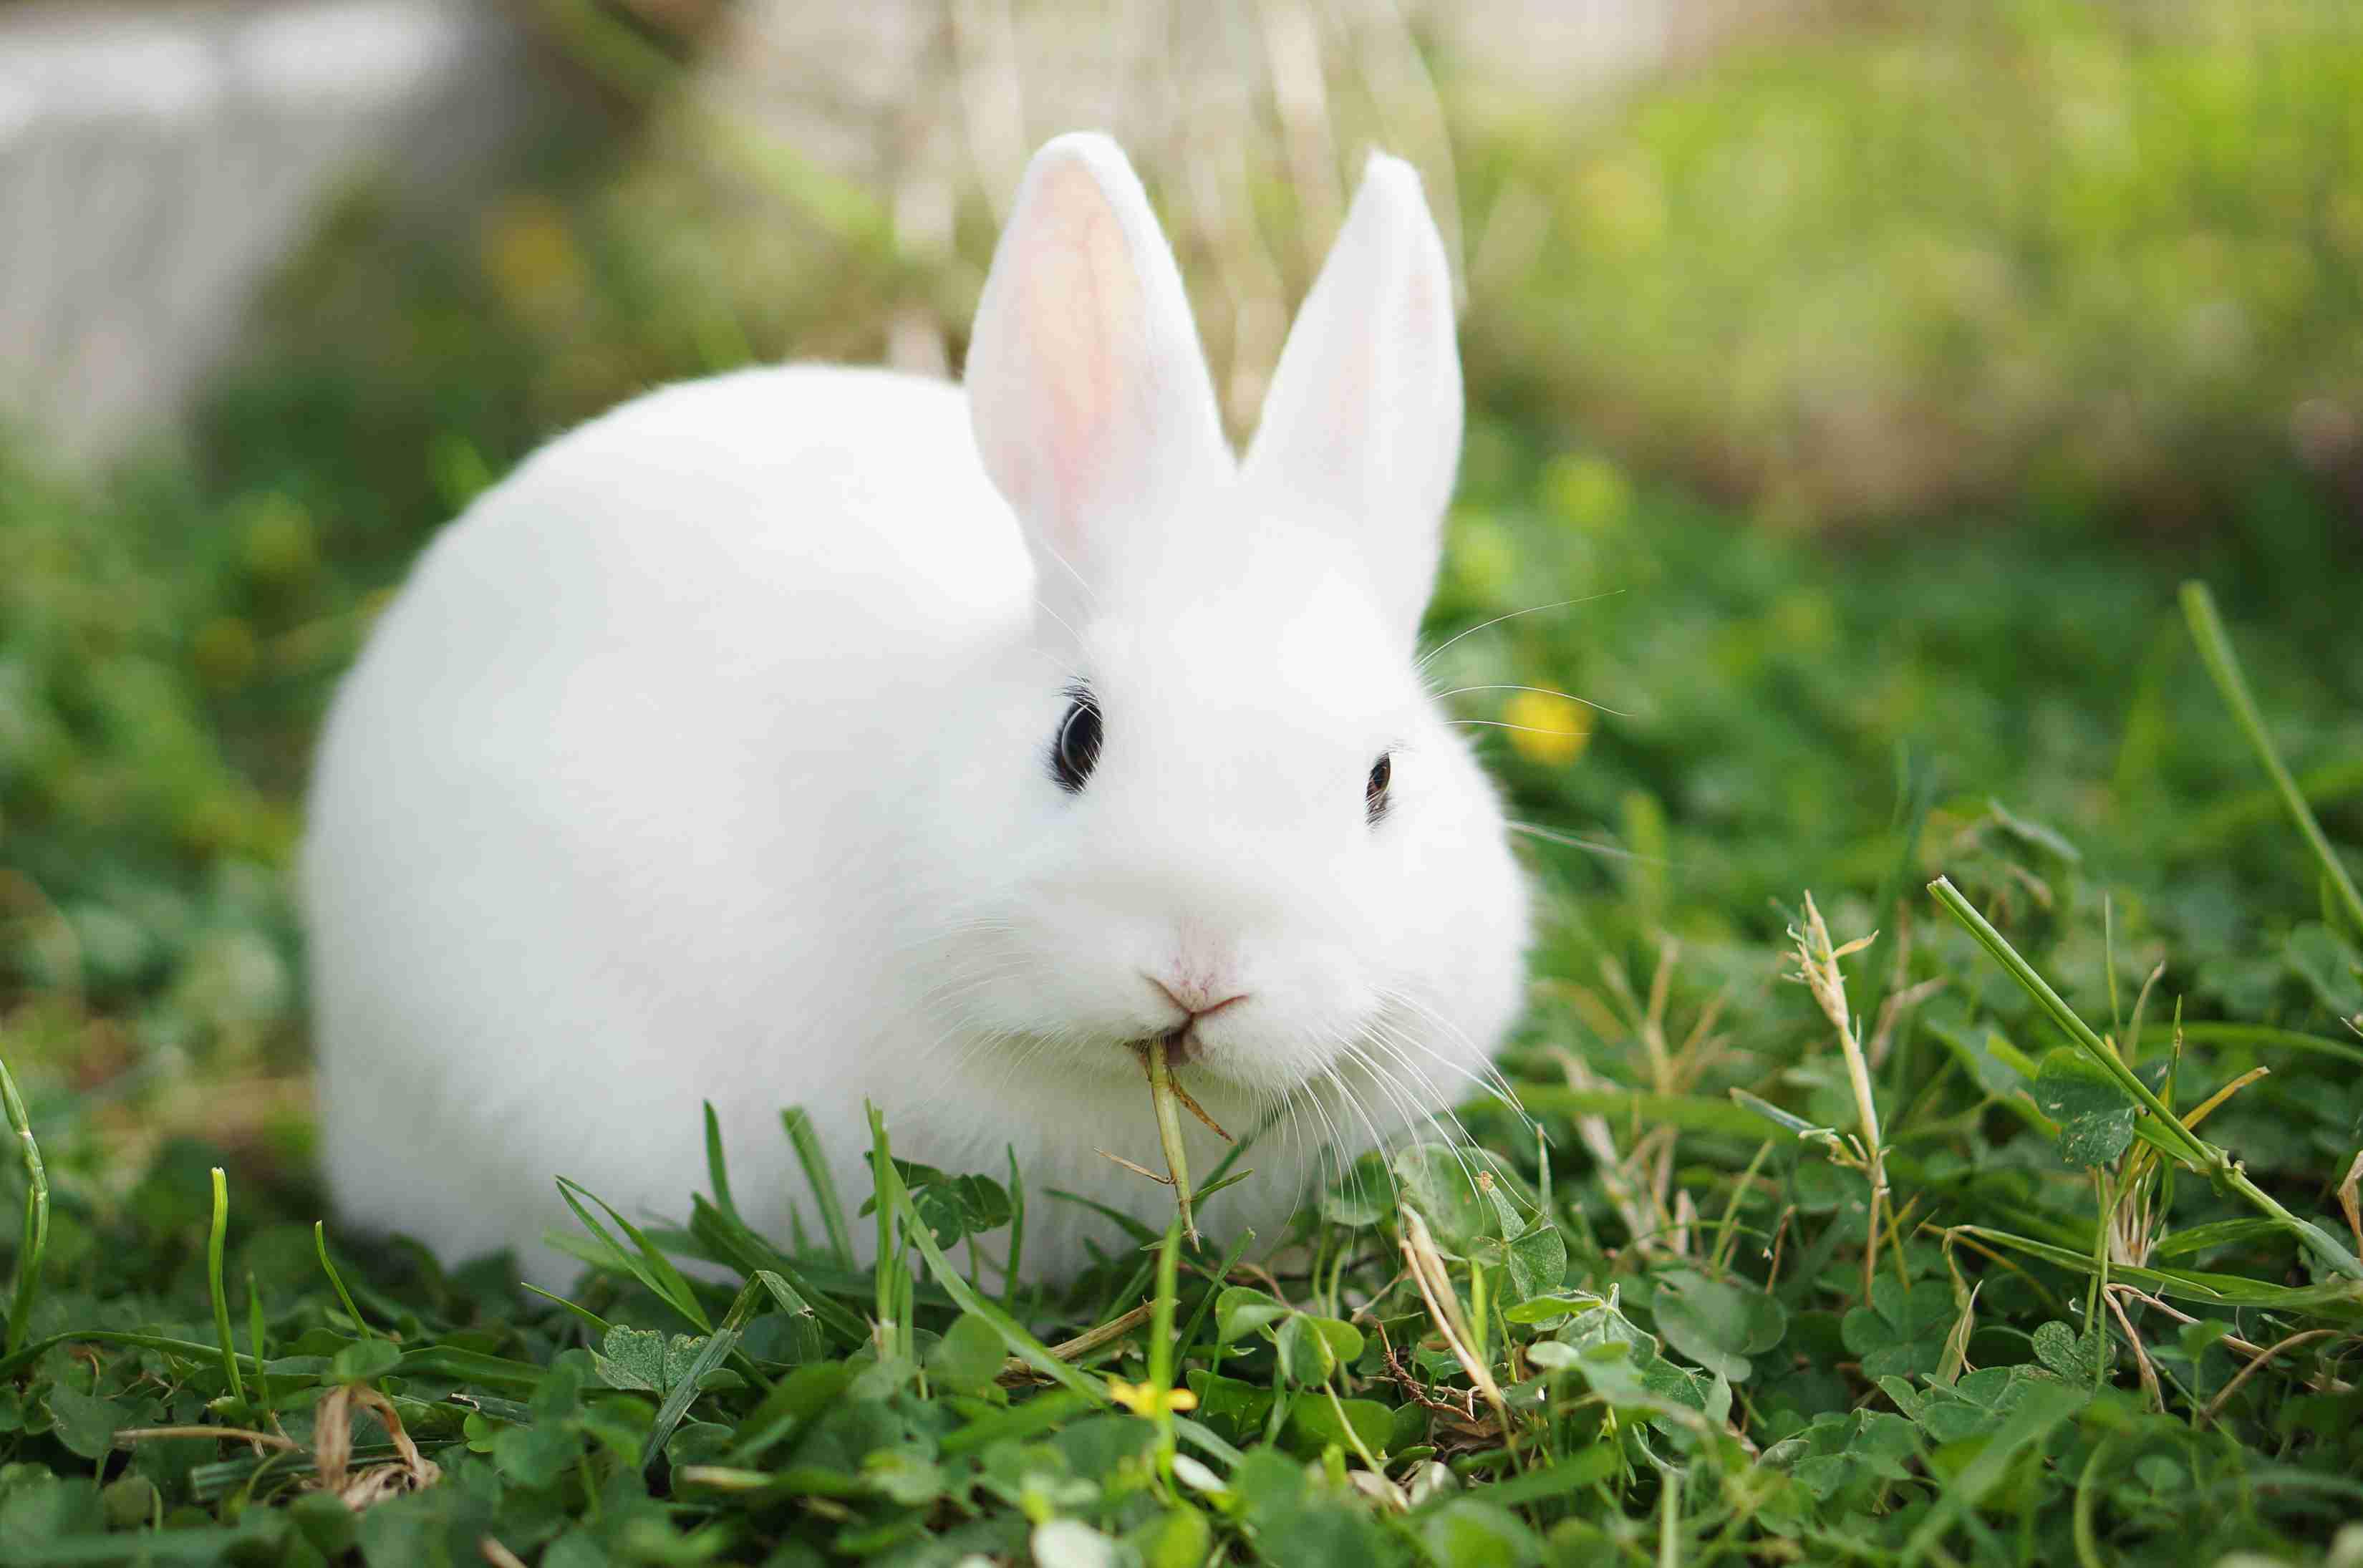 White hotot rabbit eating grass